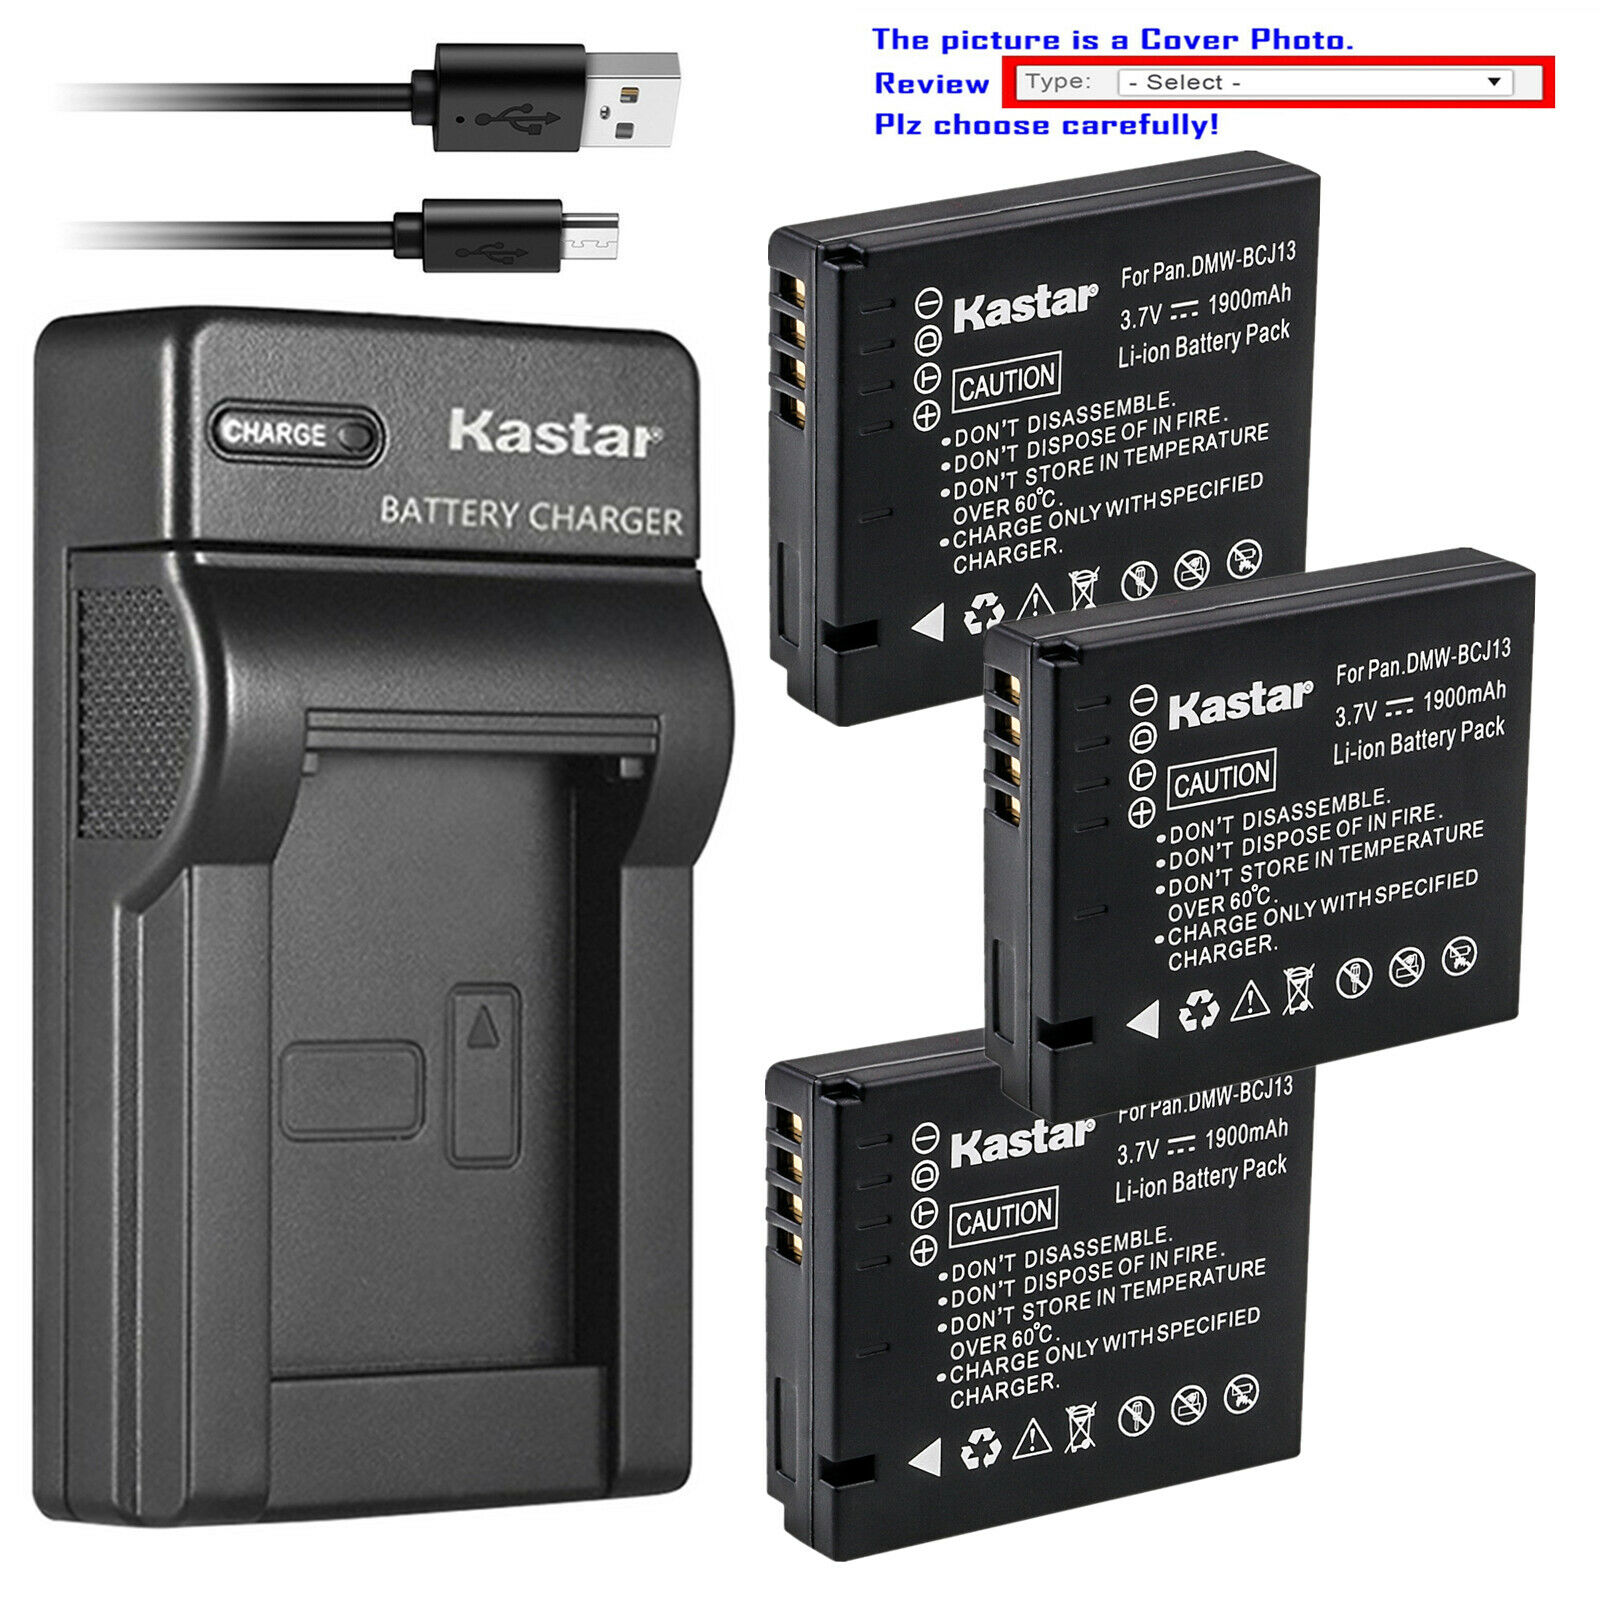 Premium Batería Para Panasonic Dmw-bcj13 Lumix Dmc-lx7w Lumix Dmc-lx7 Nuevo